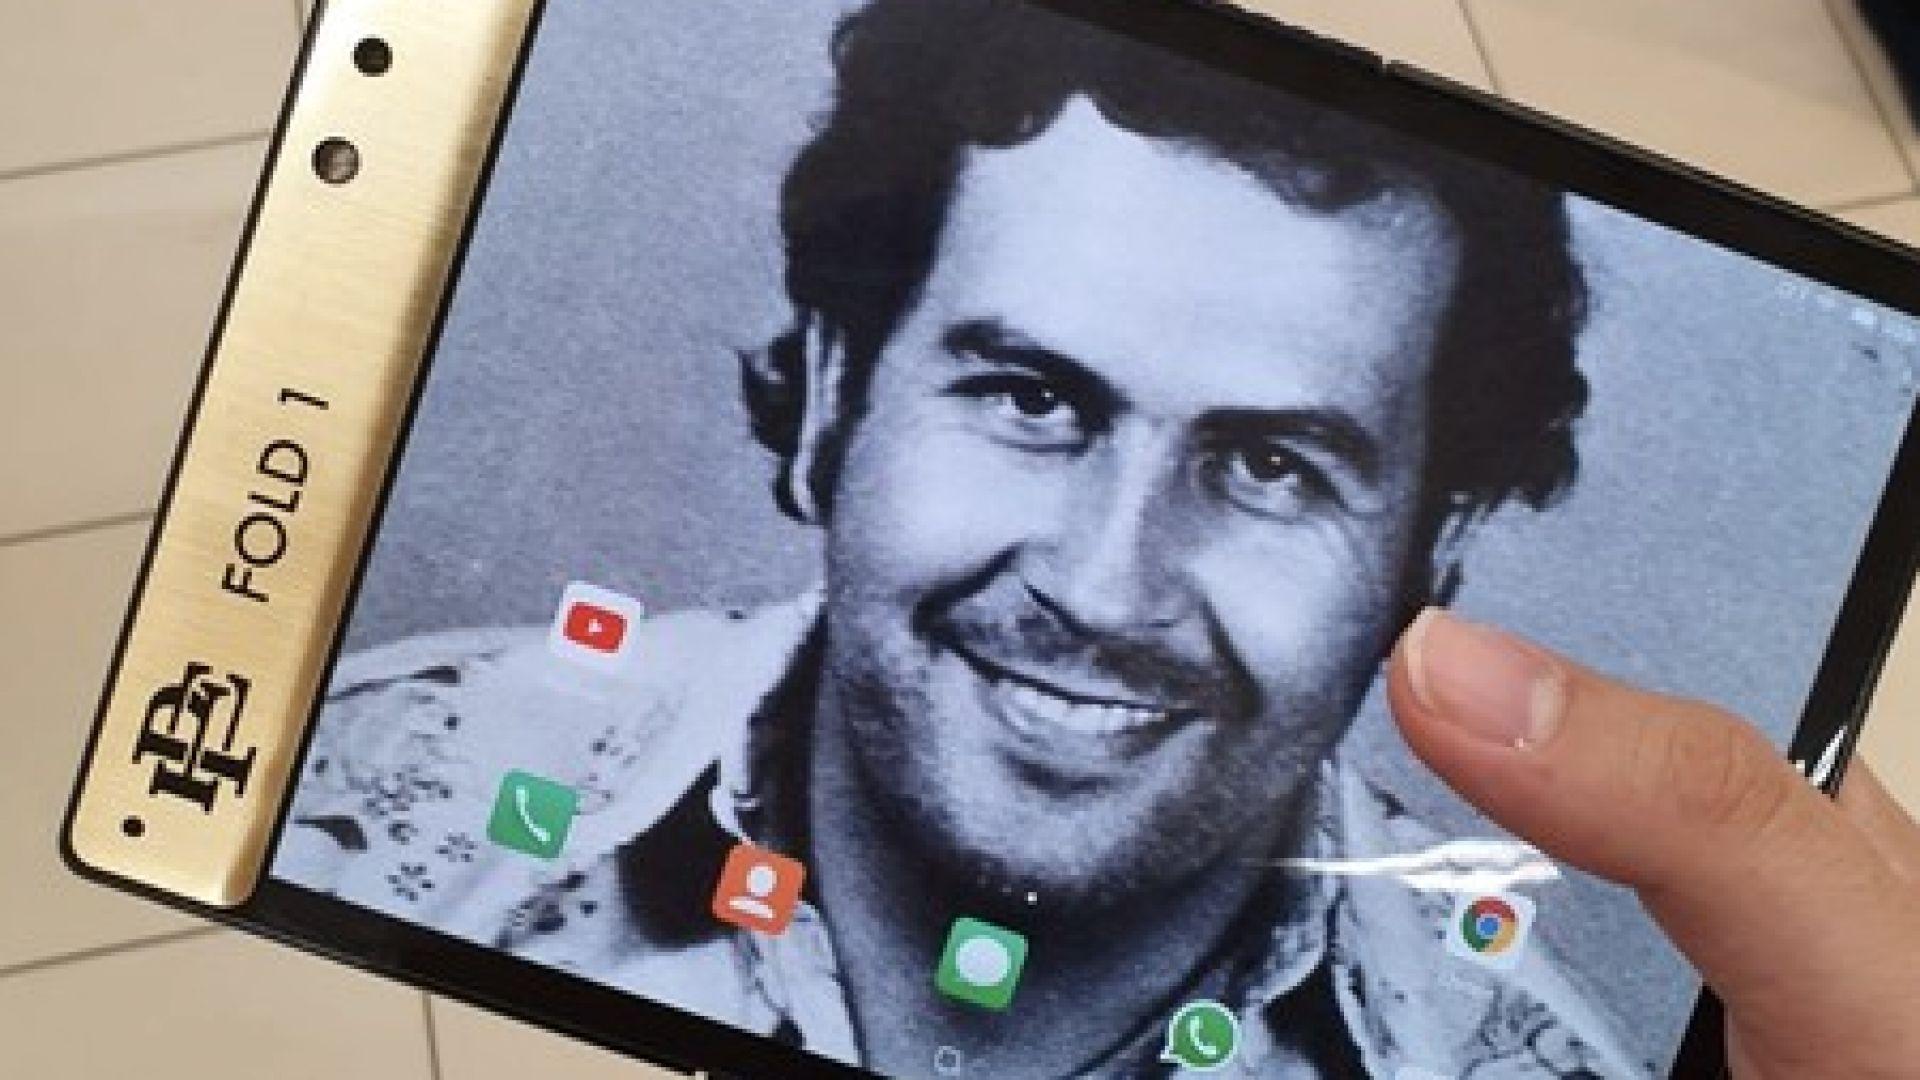 Големите компании се изплашиха от телефона на Ескобар